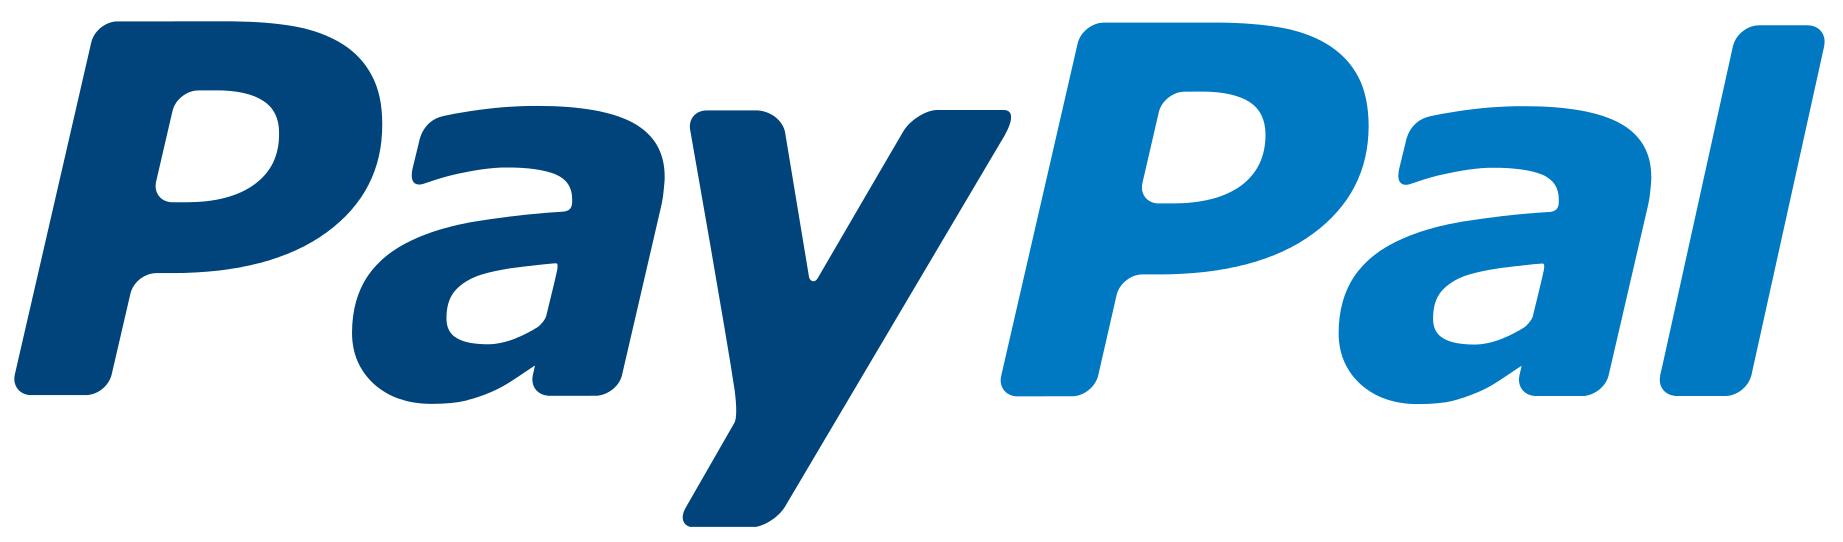 basic paypal logo png #2128